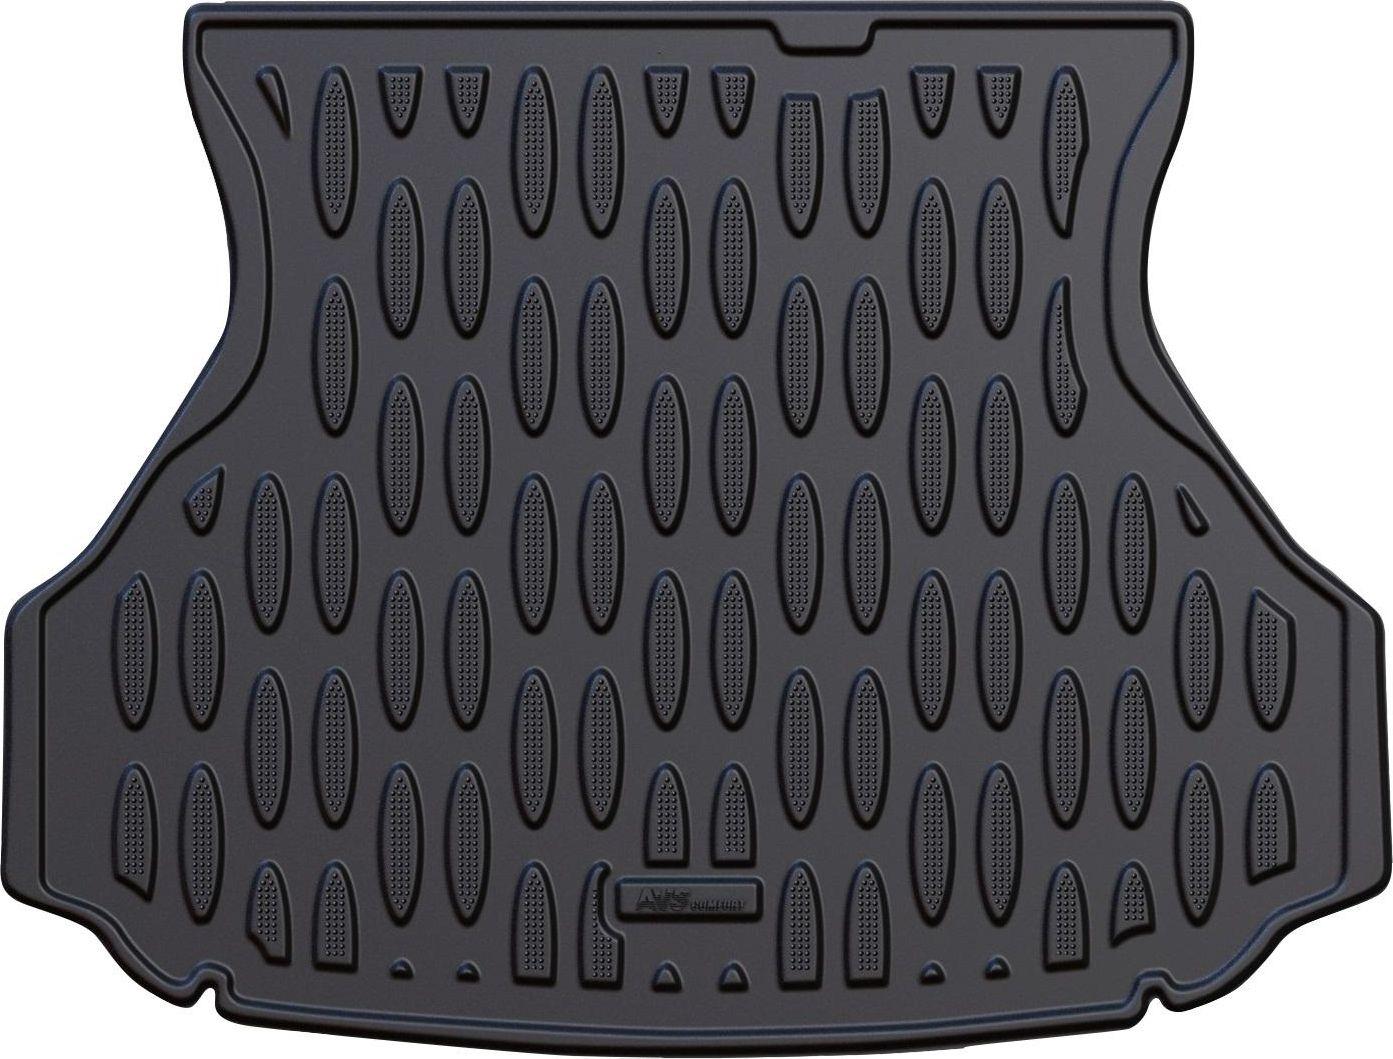 Ковер автомобильный AVS для Lada Granta LB 2014-, в багажникA78757S1. Спроектированы с помощью 3D моделирования. Ковры для багажника : конфигурация позволяет максимально использовать объем багажника 2. Высокий борт Высота : 32 см. 3. Отсутствие резкого запаха , благодаря использованию высококачественного сырья4. Материал :ТЕРМОЭЛАСТОПЛАСТ(ТЭП)-благодаря высокому содержанию каучука (до 55 %): Более износоустойчивые по сравнению с резиновыми и полиуретановыми коврами других производителейПри температуре меньше -25 не «дубеют» . Легко моются, обладают повышенной износостойкостью 5. Оригинальный рисунок «ПРОТЕКТОР» (антискользящее исполнение лицевой поверхности) Препятствует перемещению груза в багажнике во время движения автомобиля 6. Легкий вес – в 2 раза легче резиновых